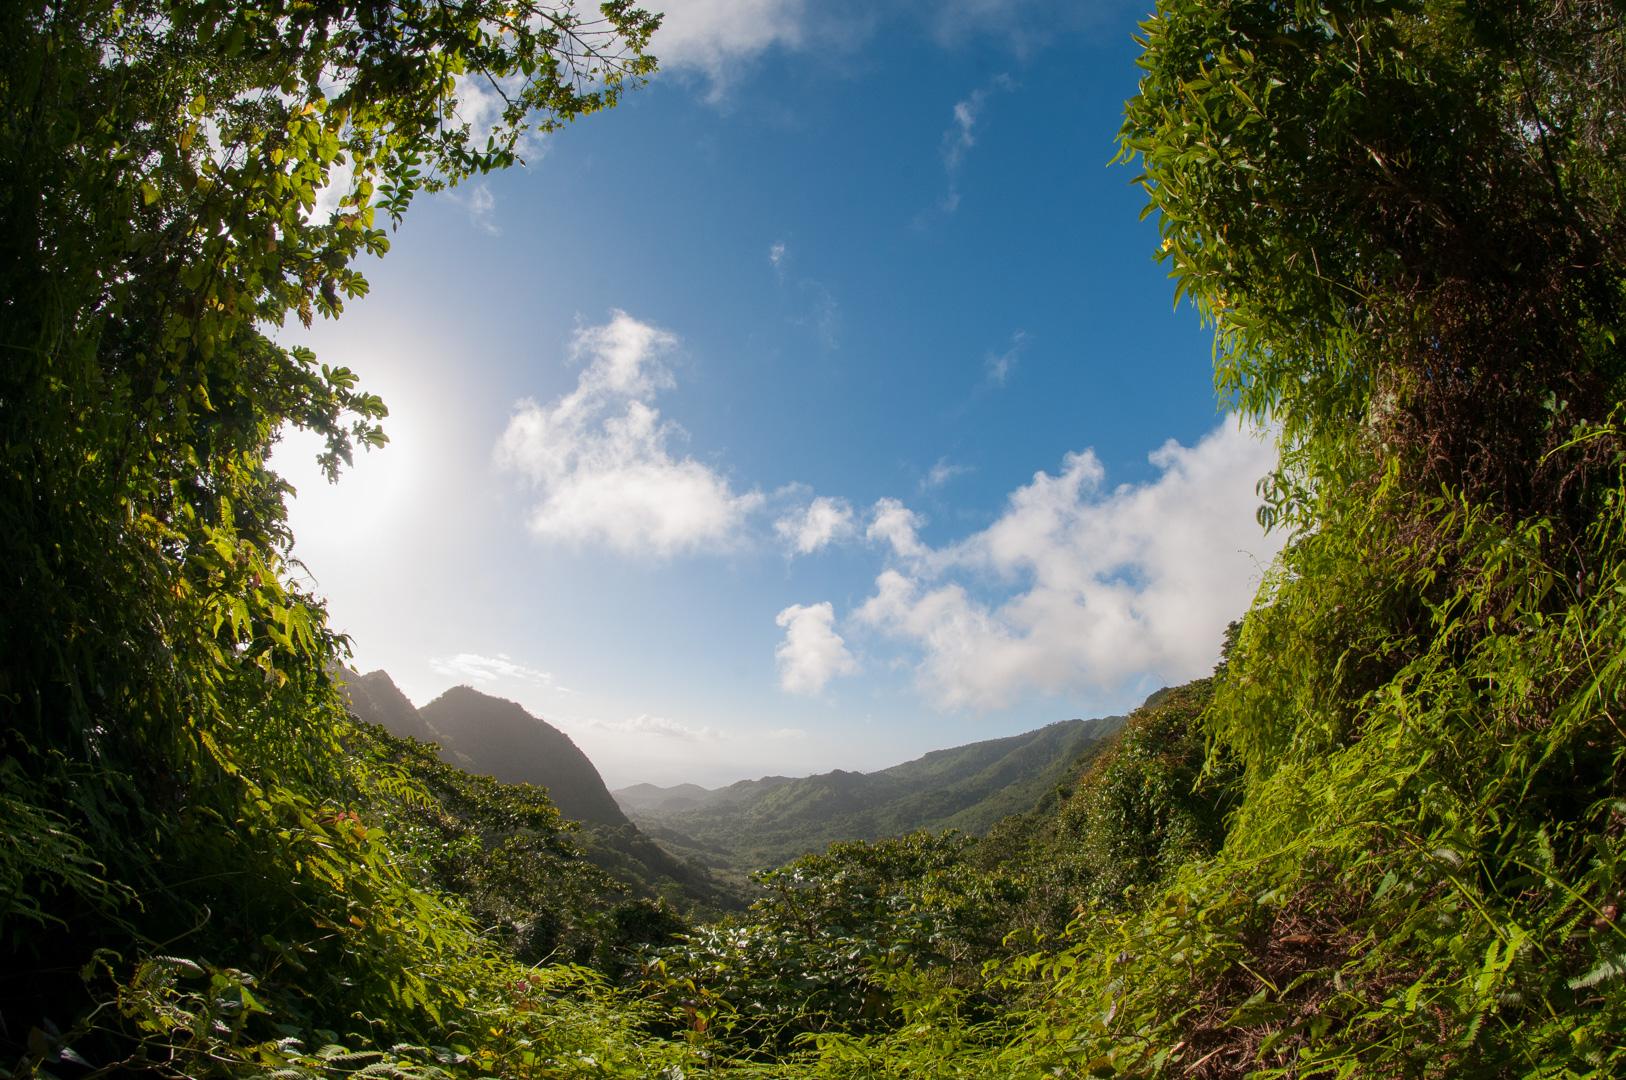 RoadsideLookout_Grenada_WebEdits-1.jpg